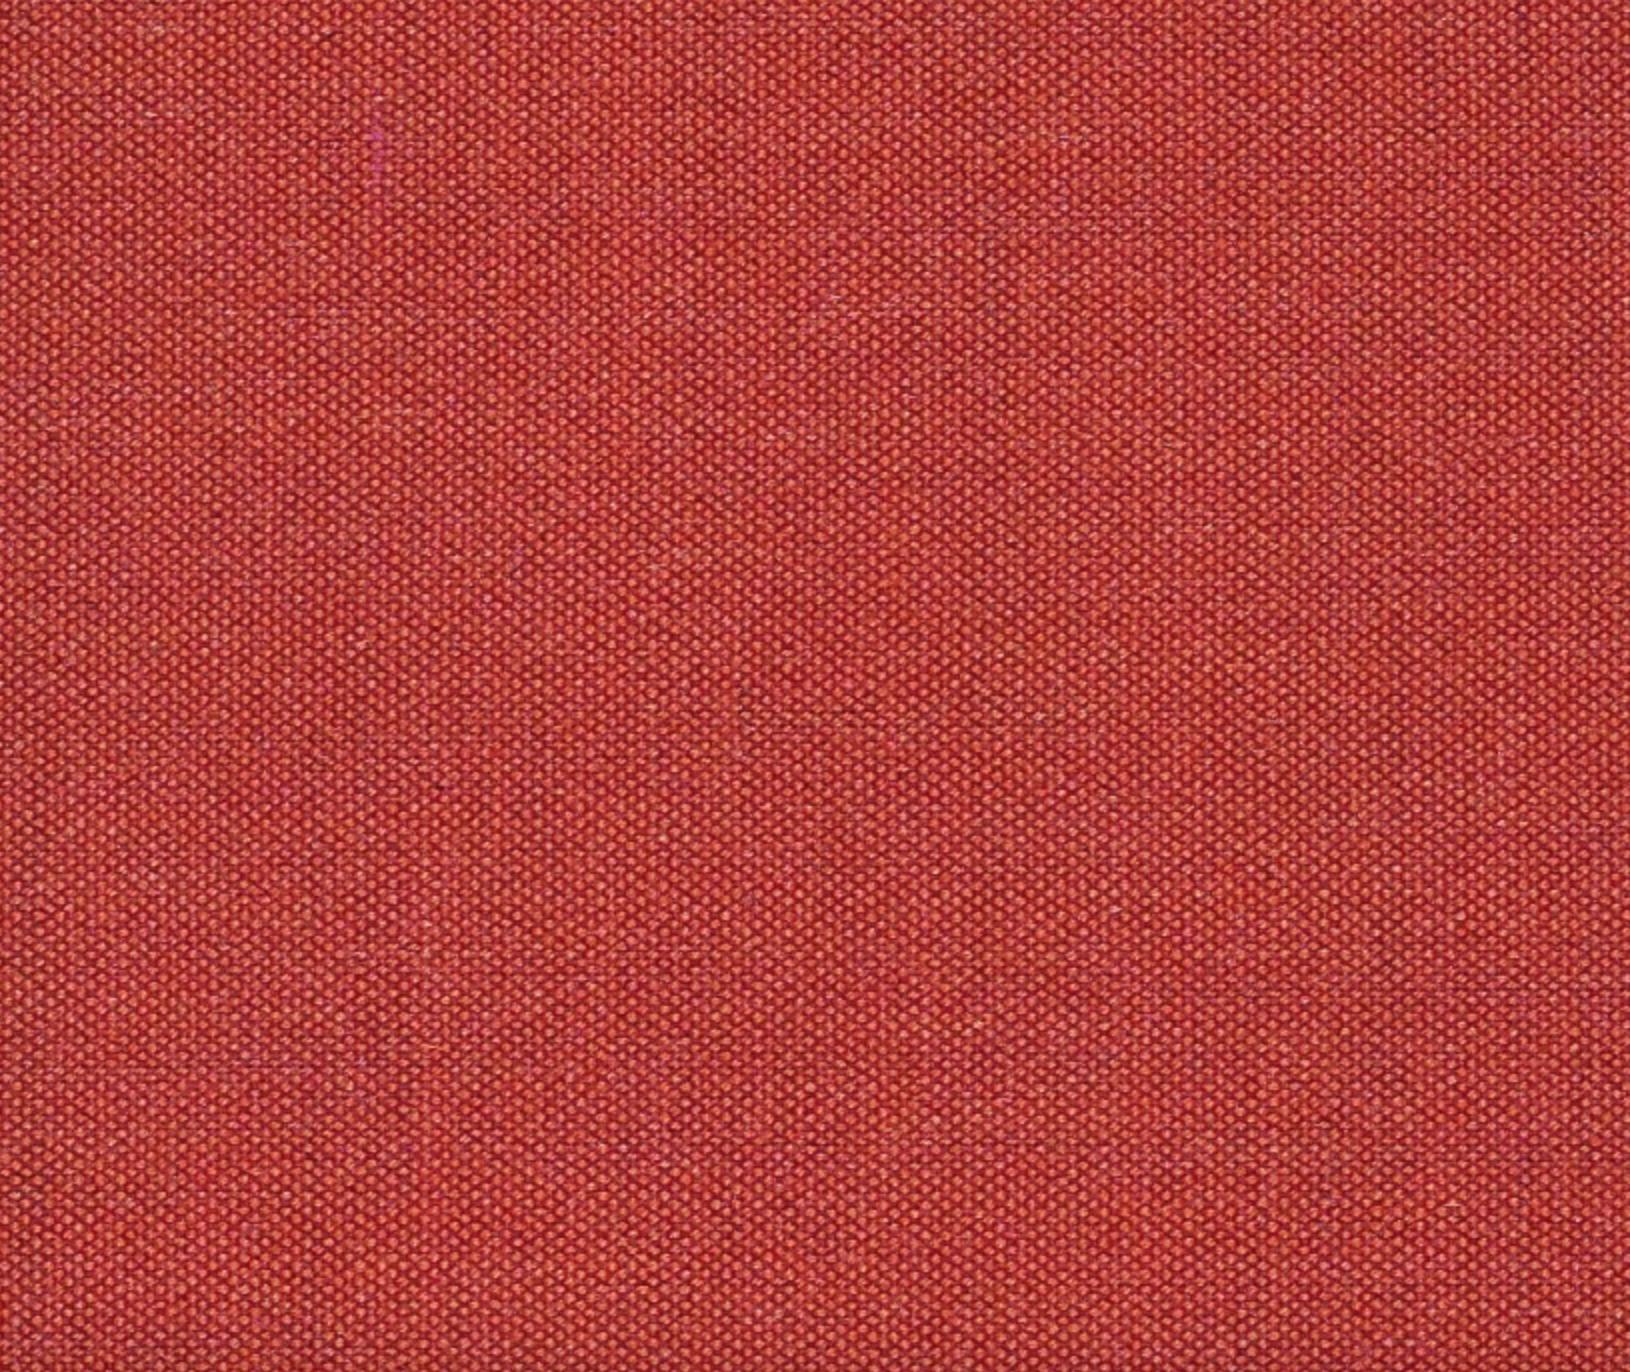 Screen Shot 2018-04-23 at 2.10.08 PM.png